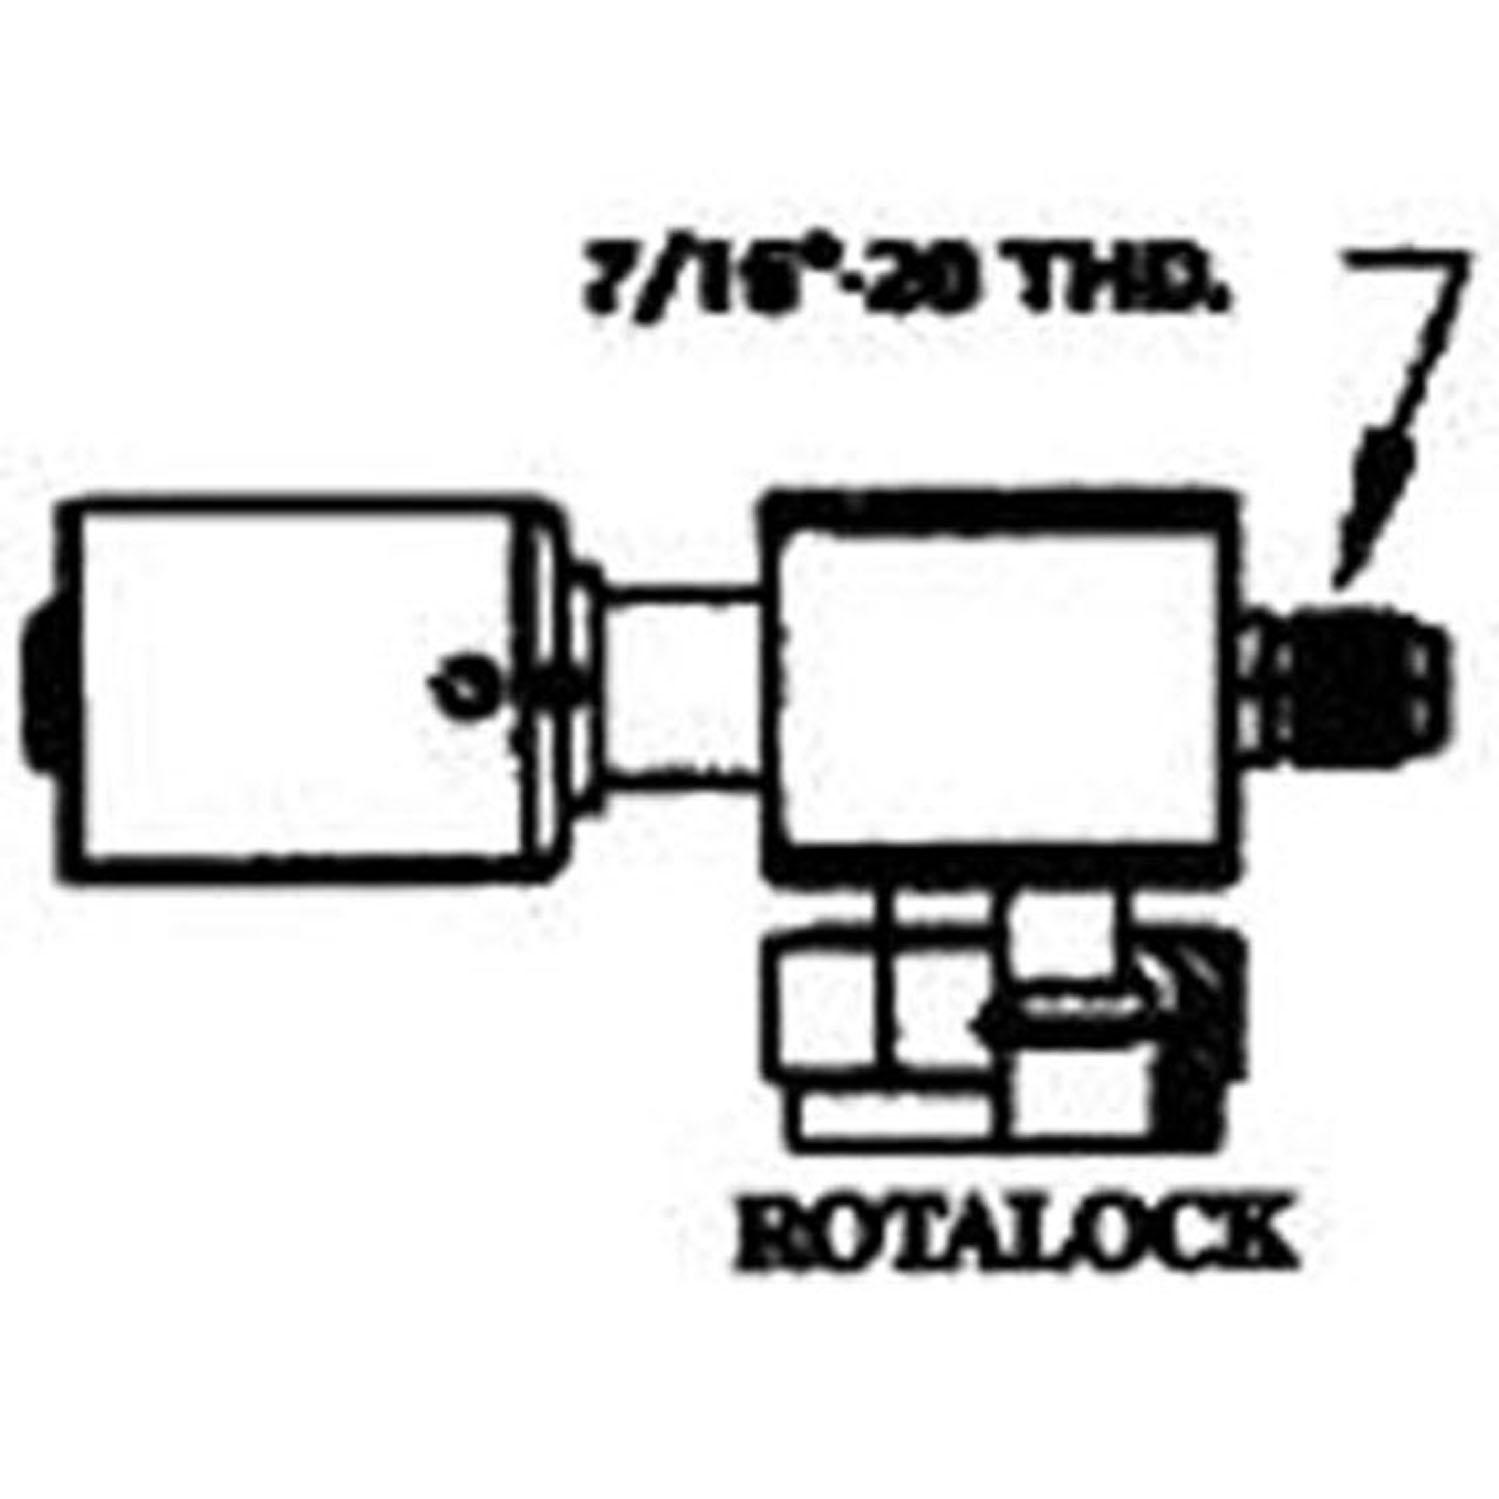 FT 2132-1SB Rotolock